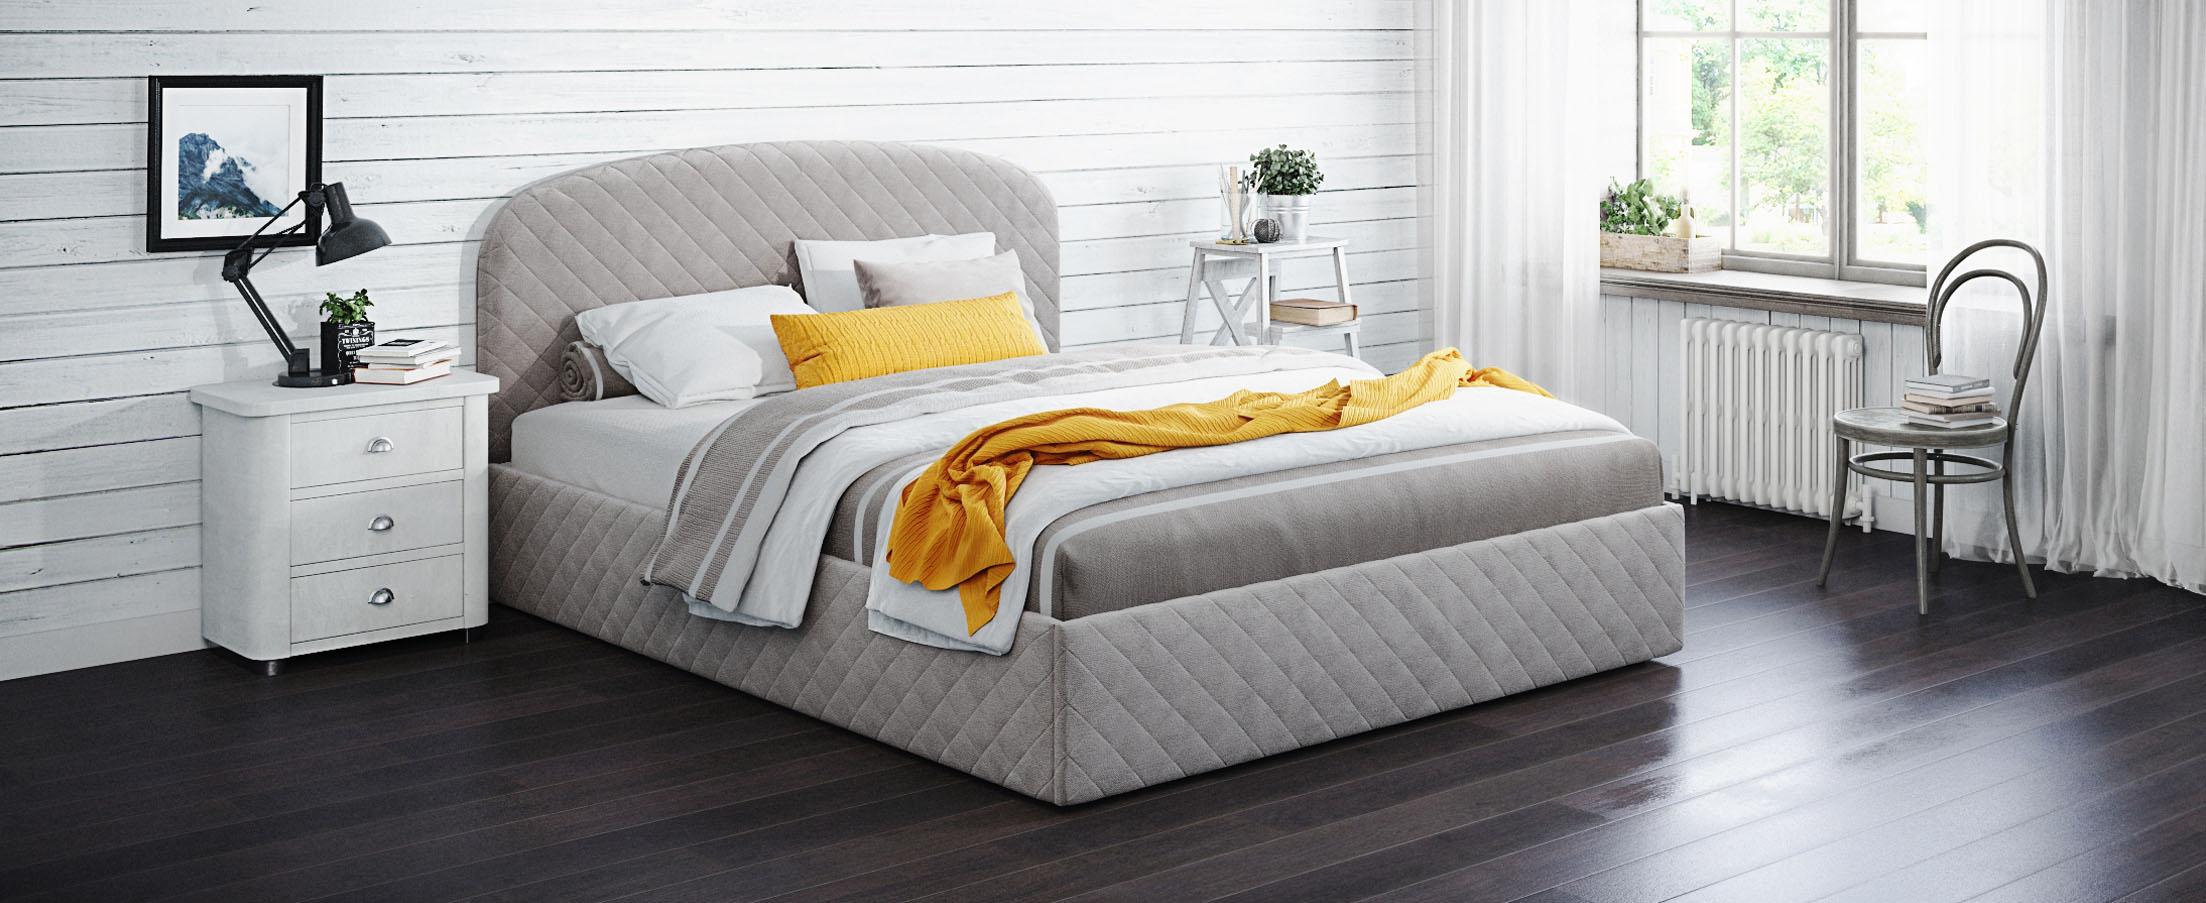 Кровать двуспальная Аллегра 140х200 Модель 1204Благодаря лаконичным формам она может стать как центральным предметом просторного помещения, также будет гармонично смотреться в небольшой спальной комнате.<br><br>Ширина см: 149<br>Глубина см: 210<br>Высота см: 105<br>Ширина спального места см: 140<br>Длина спального места см: 200<br>Подъемный механизм: Есть<br>Материал каркаса: ЛДСП<br>Материал обивки: Велюр<br>Цвет: Серый<br>Код ткани: 65-29<br>Бренд: MOON-TRADE